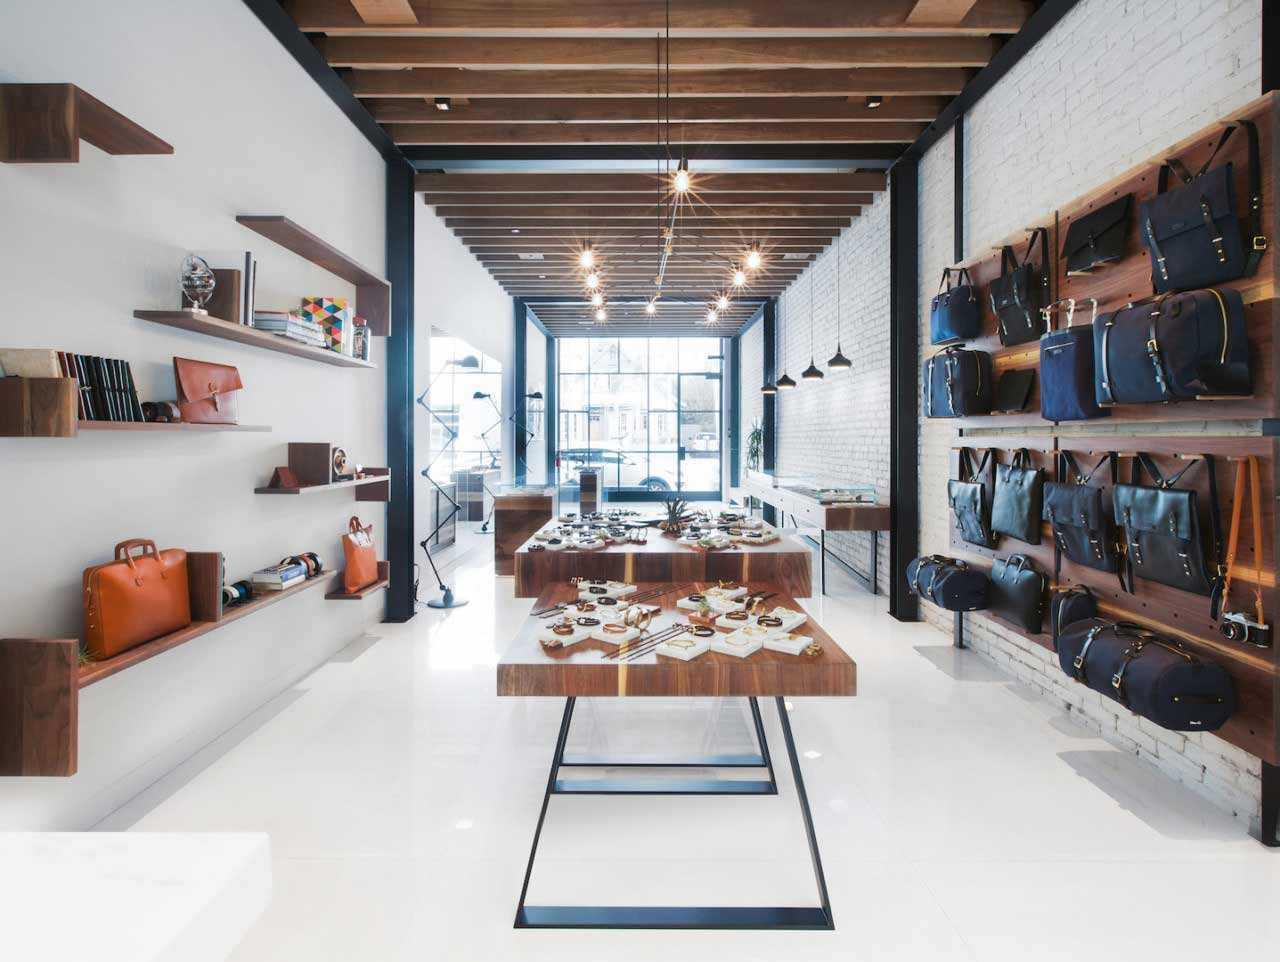 Desain Interior Toko dengan Kafe Mungil yang cantik di Los Angeles | Foto artikel Arsitag